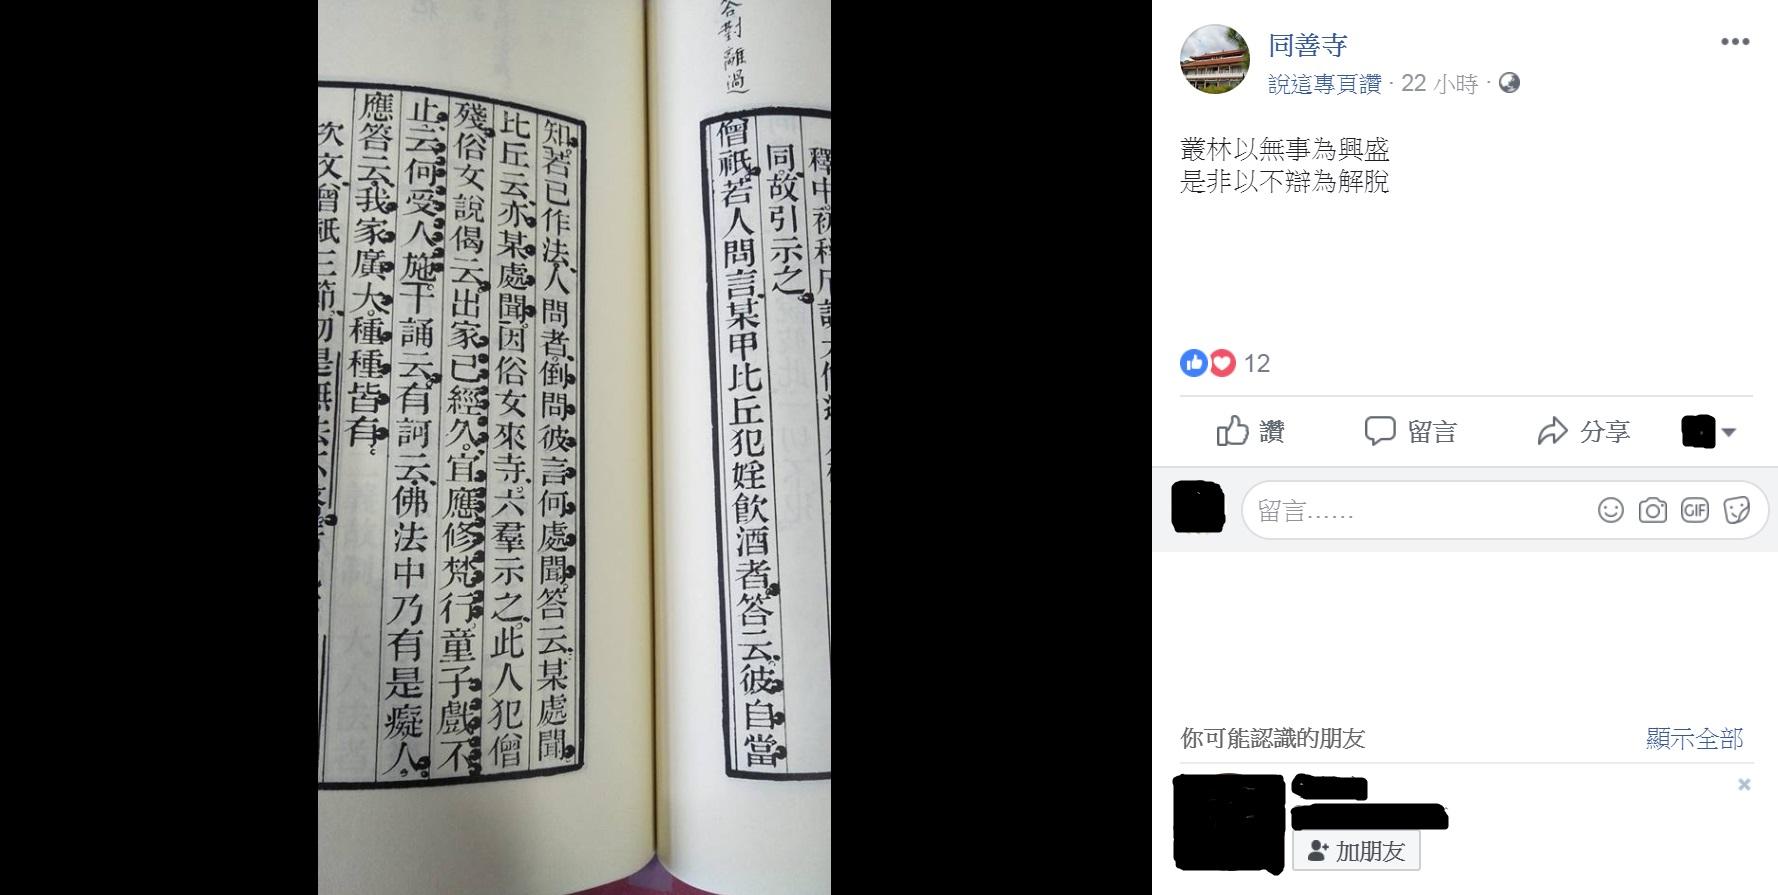 圖/翻攝自臉書